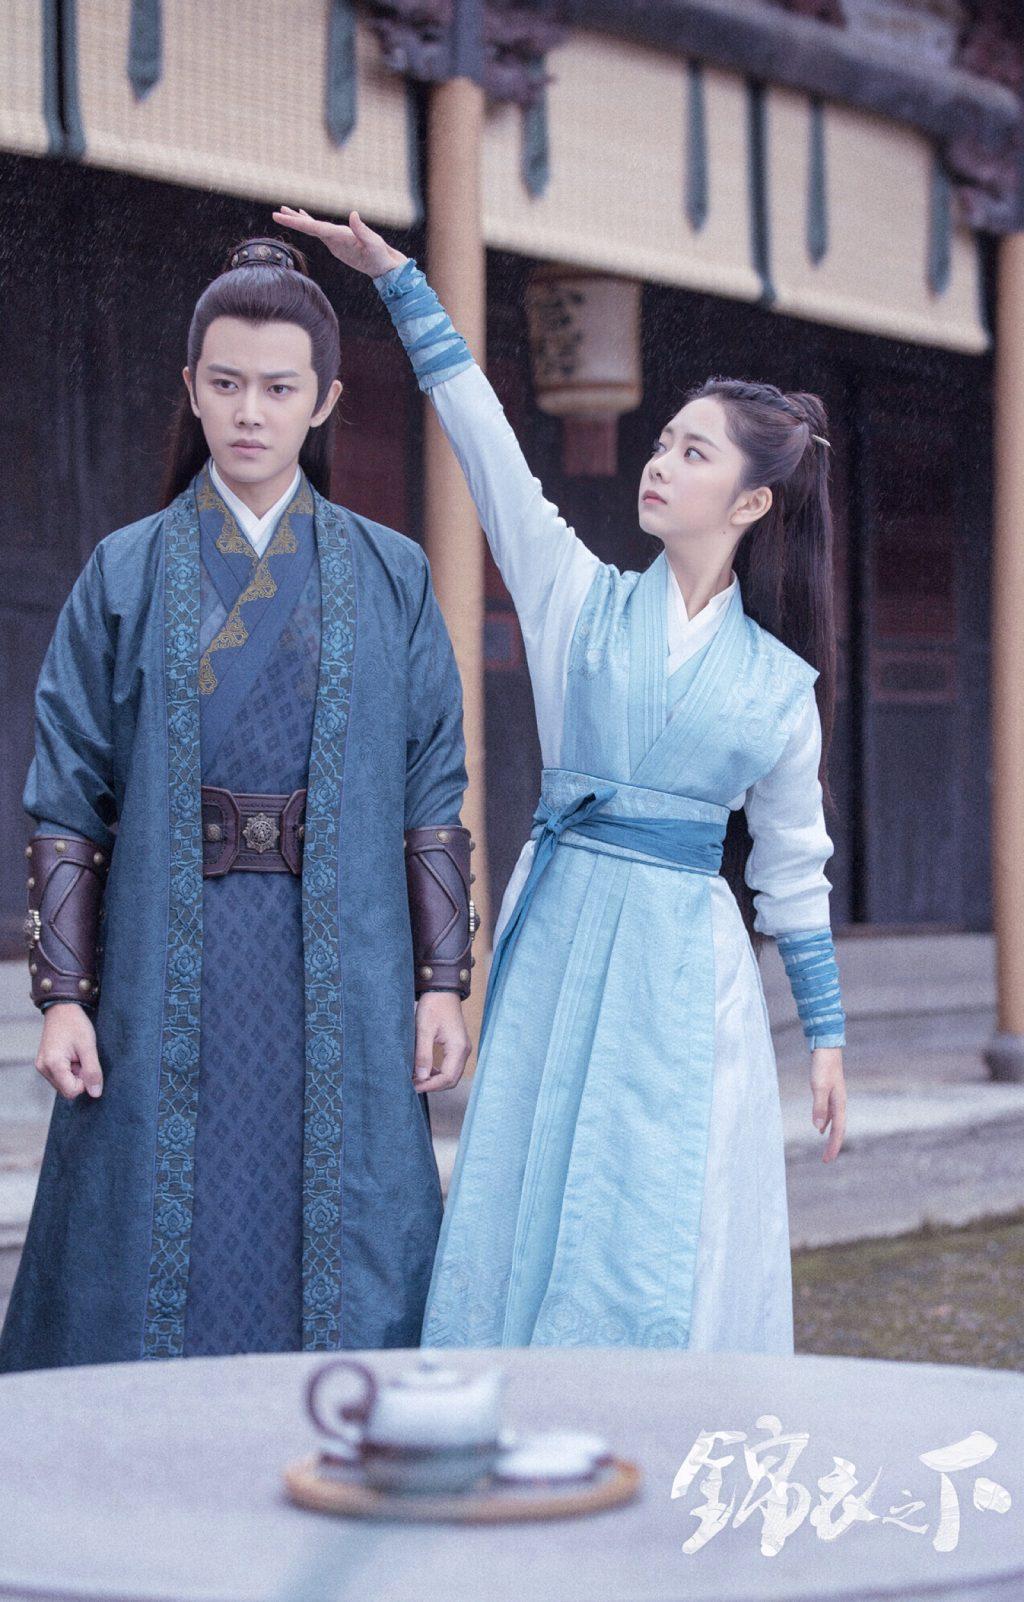 Những cặp đôi kinh điển của màn ảnh Hoa ngữ: Nhất Bác - Tiêu Chiến có tên, Nhiệt Ba - Dương Dương nằm 'xó' nào? 9